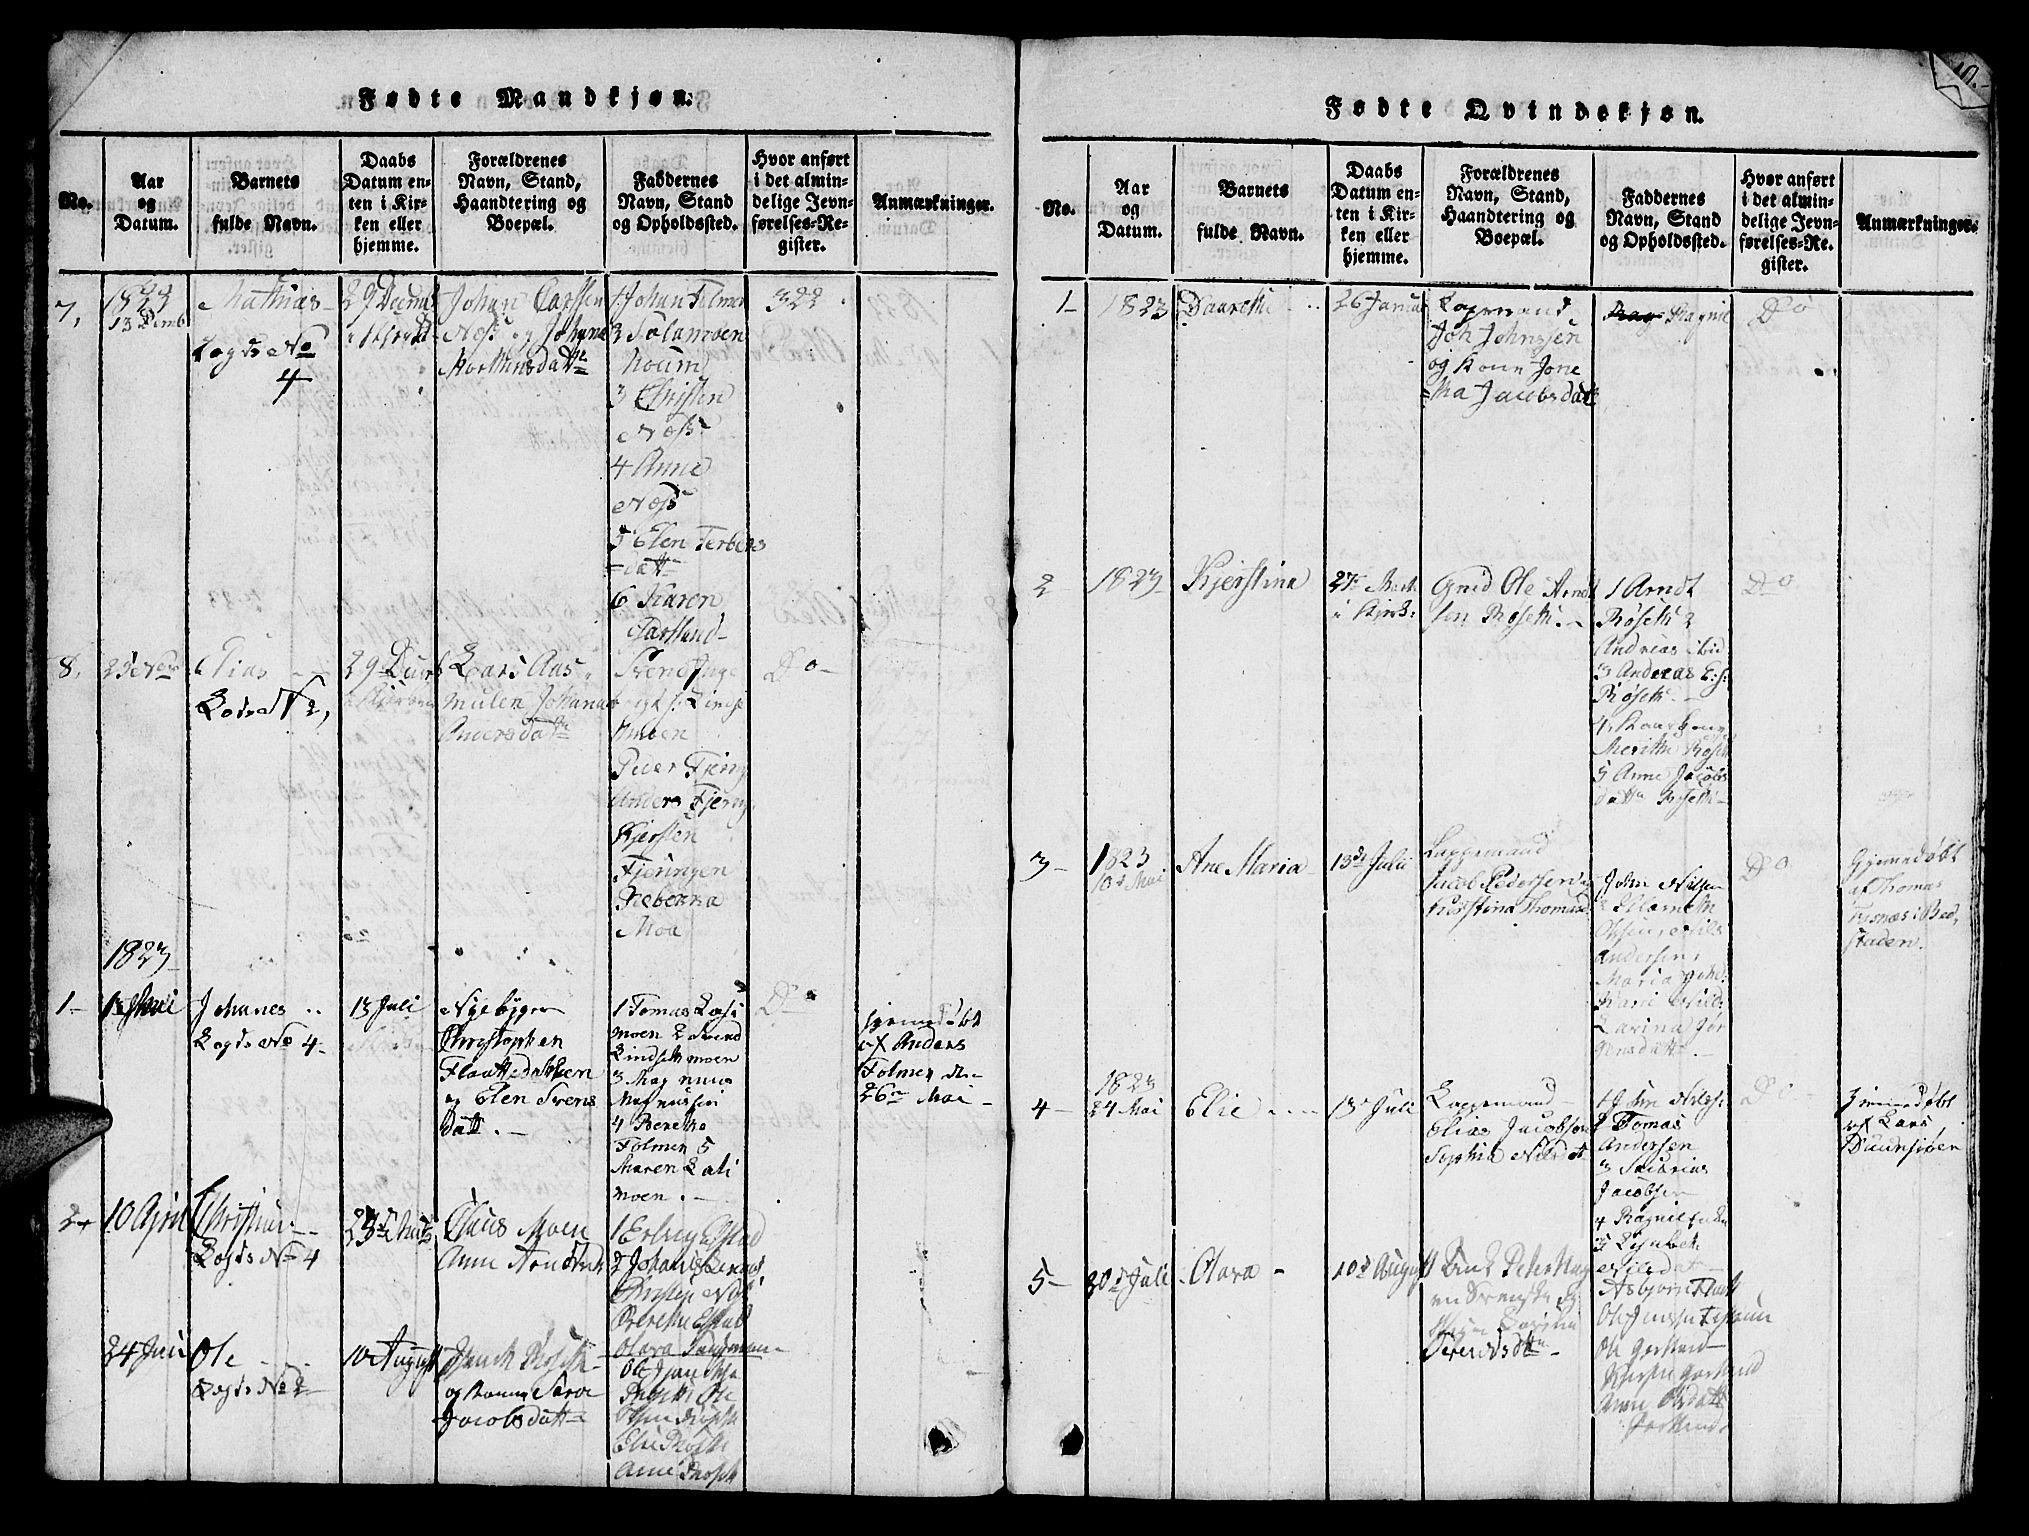 SAT, Ministerialprotokoller, klokkerbøker og fødselsregistre - Nord-Trøndelag, 759/L0527: Klokkerbok nr. 759C01 /1, 1816-1825, s. 9